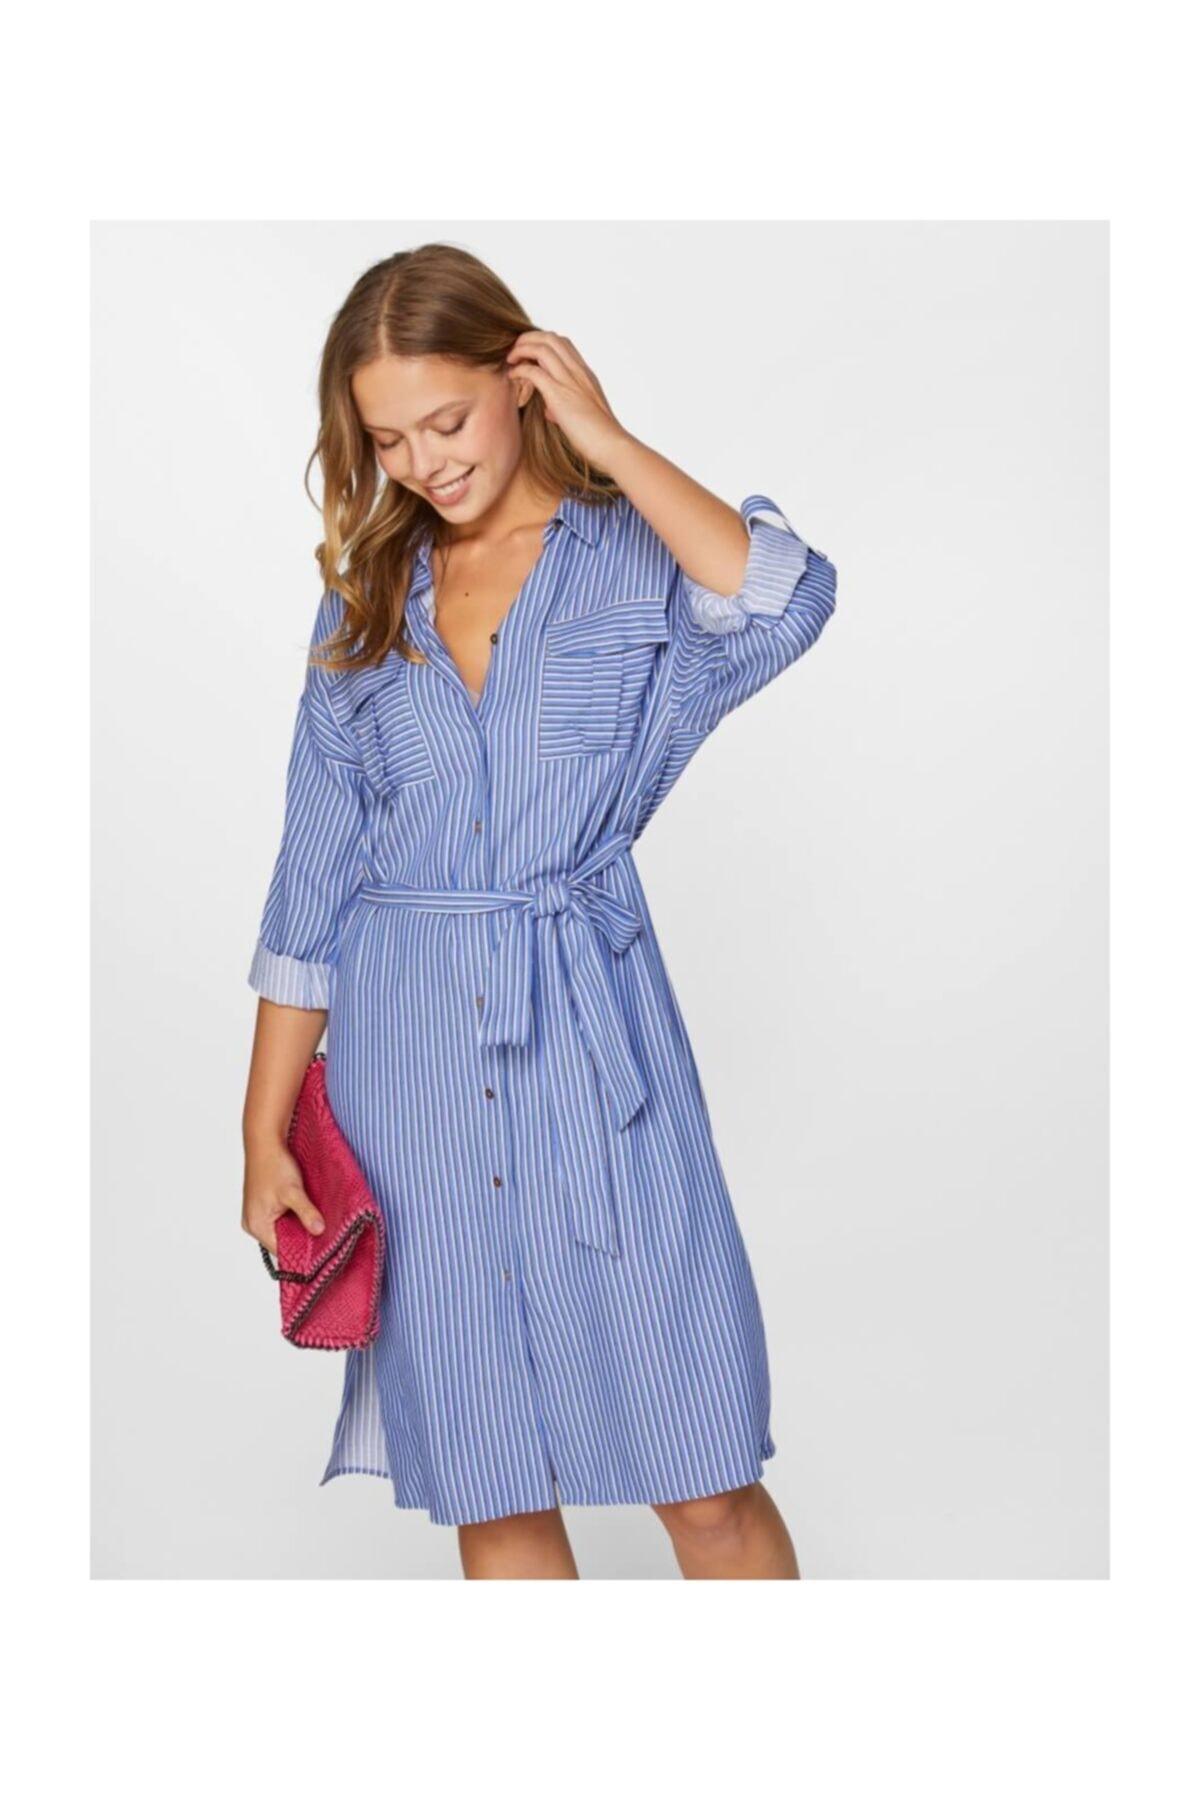 Faik Sönmez Kadın Mavi Çizgili Gömlek Elbise 60283 U60283 1